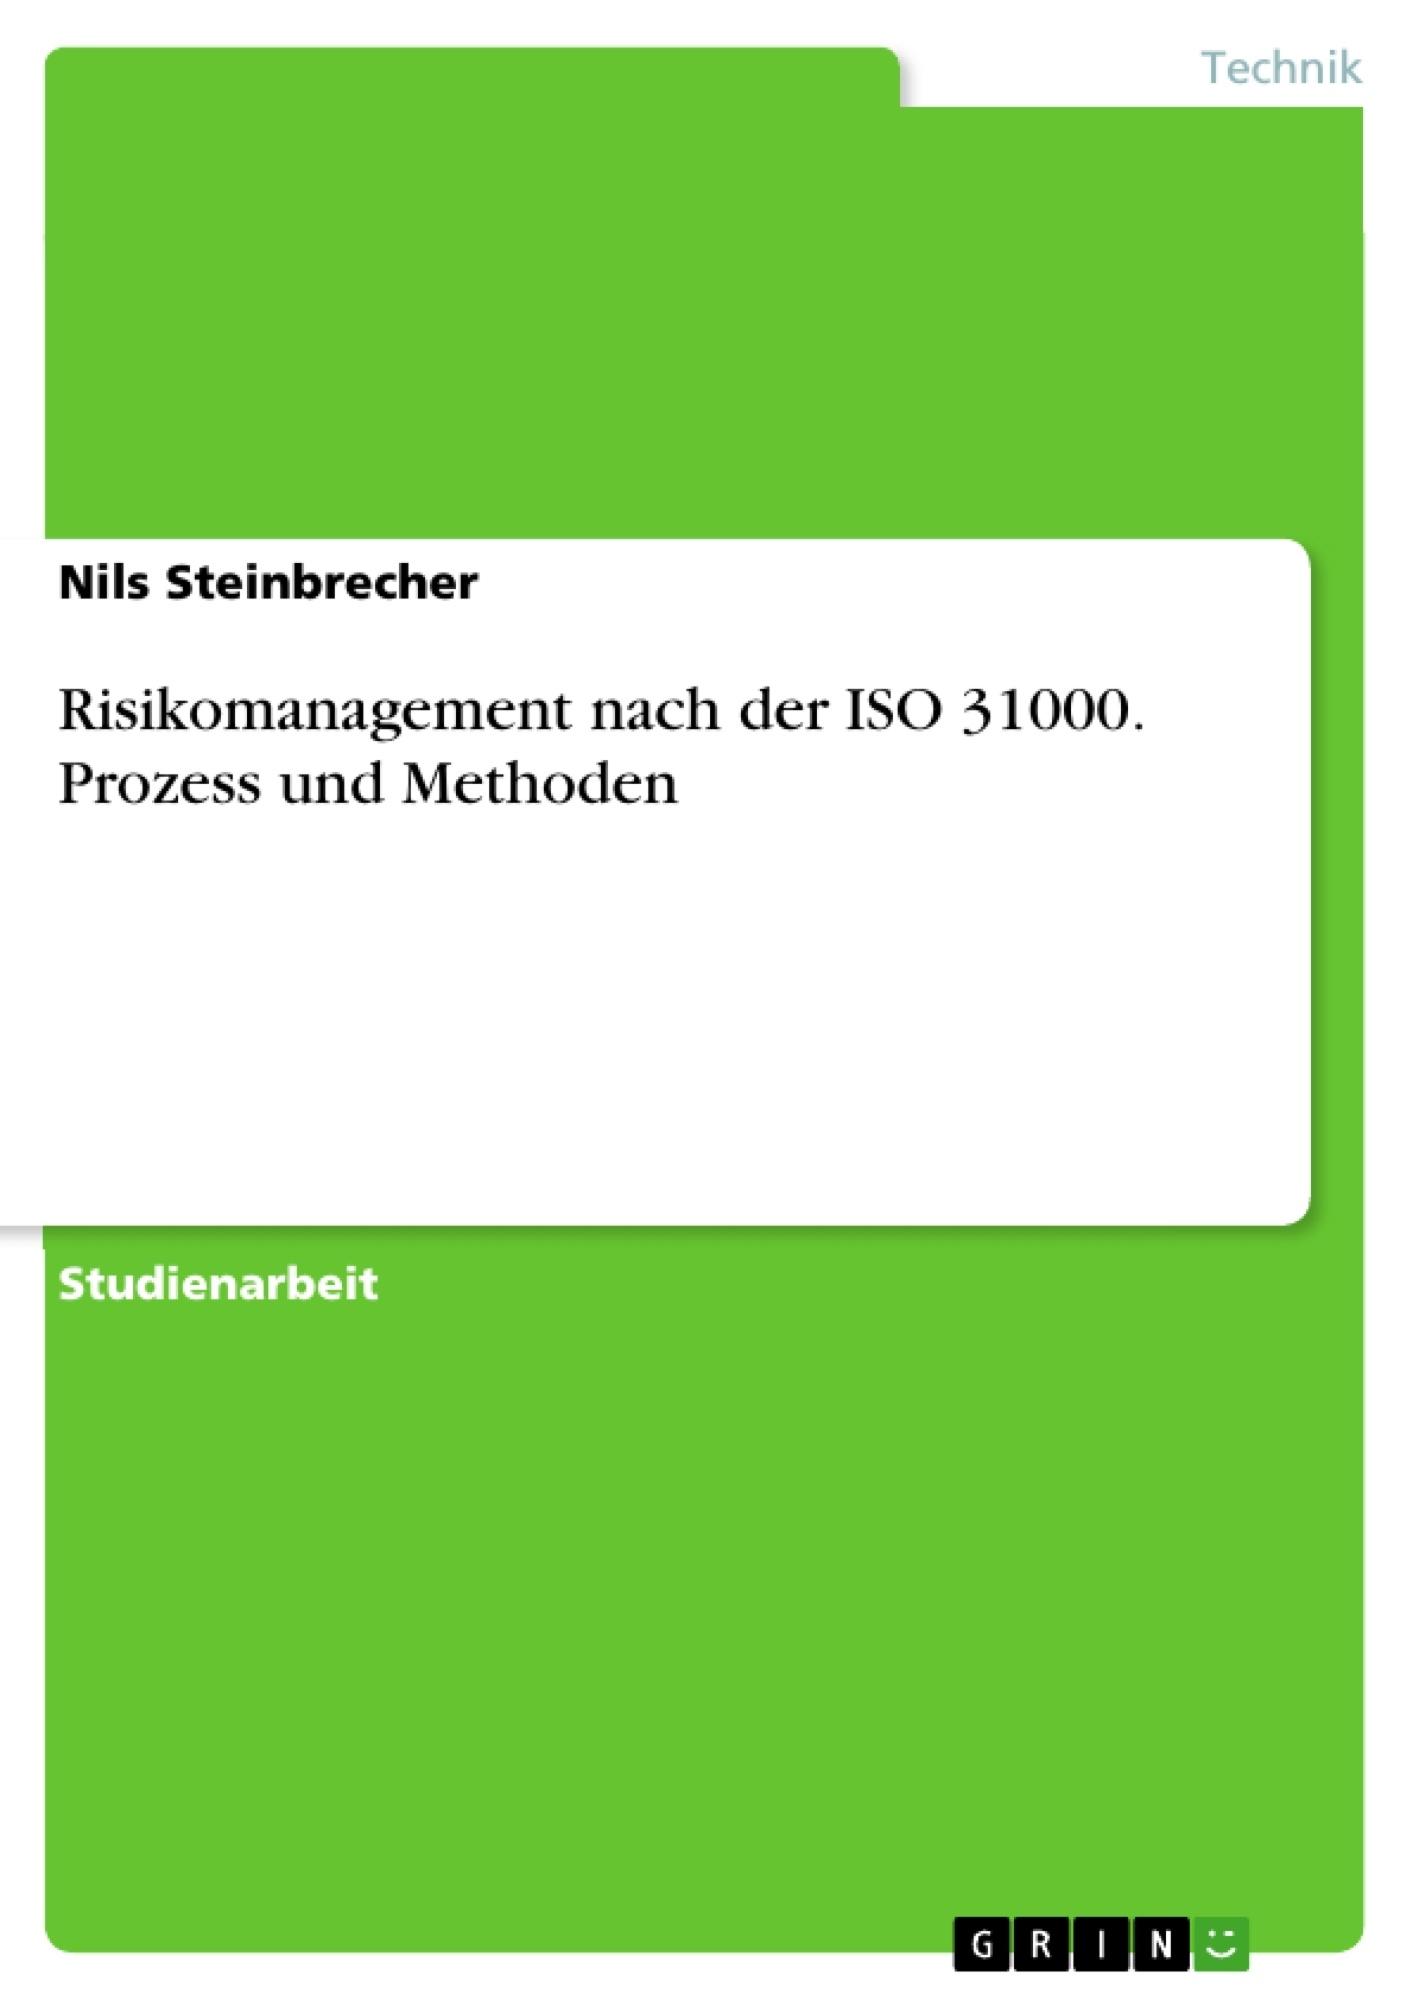 Titel: Risikomanagement nach der ISO 31000. Prozess und Methoden